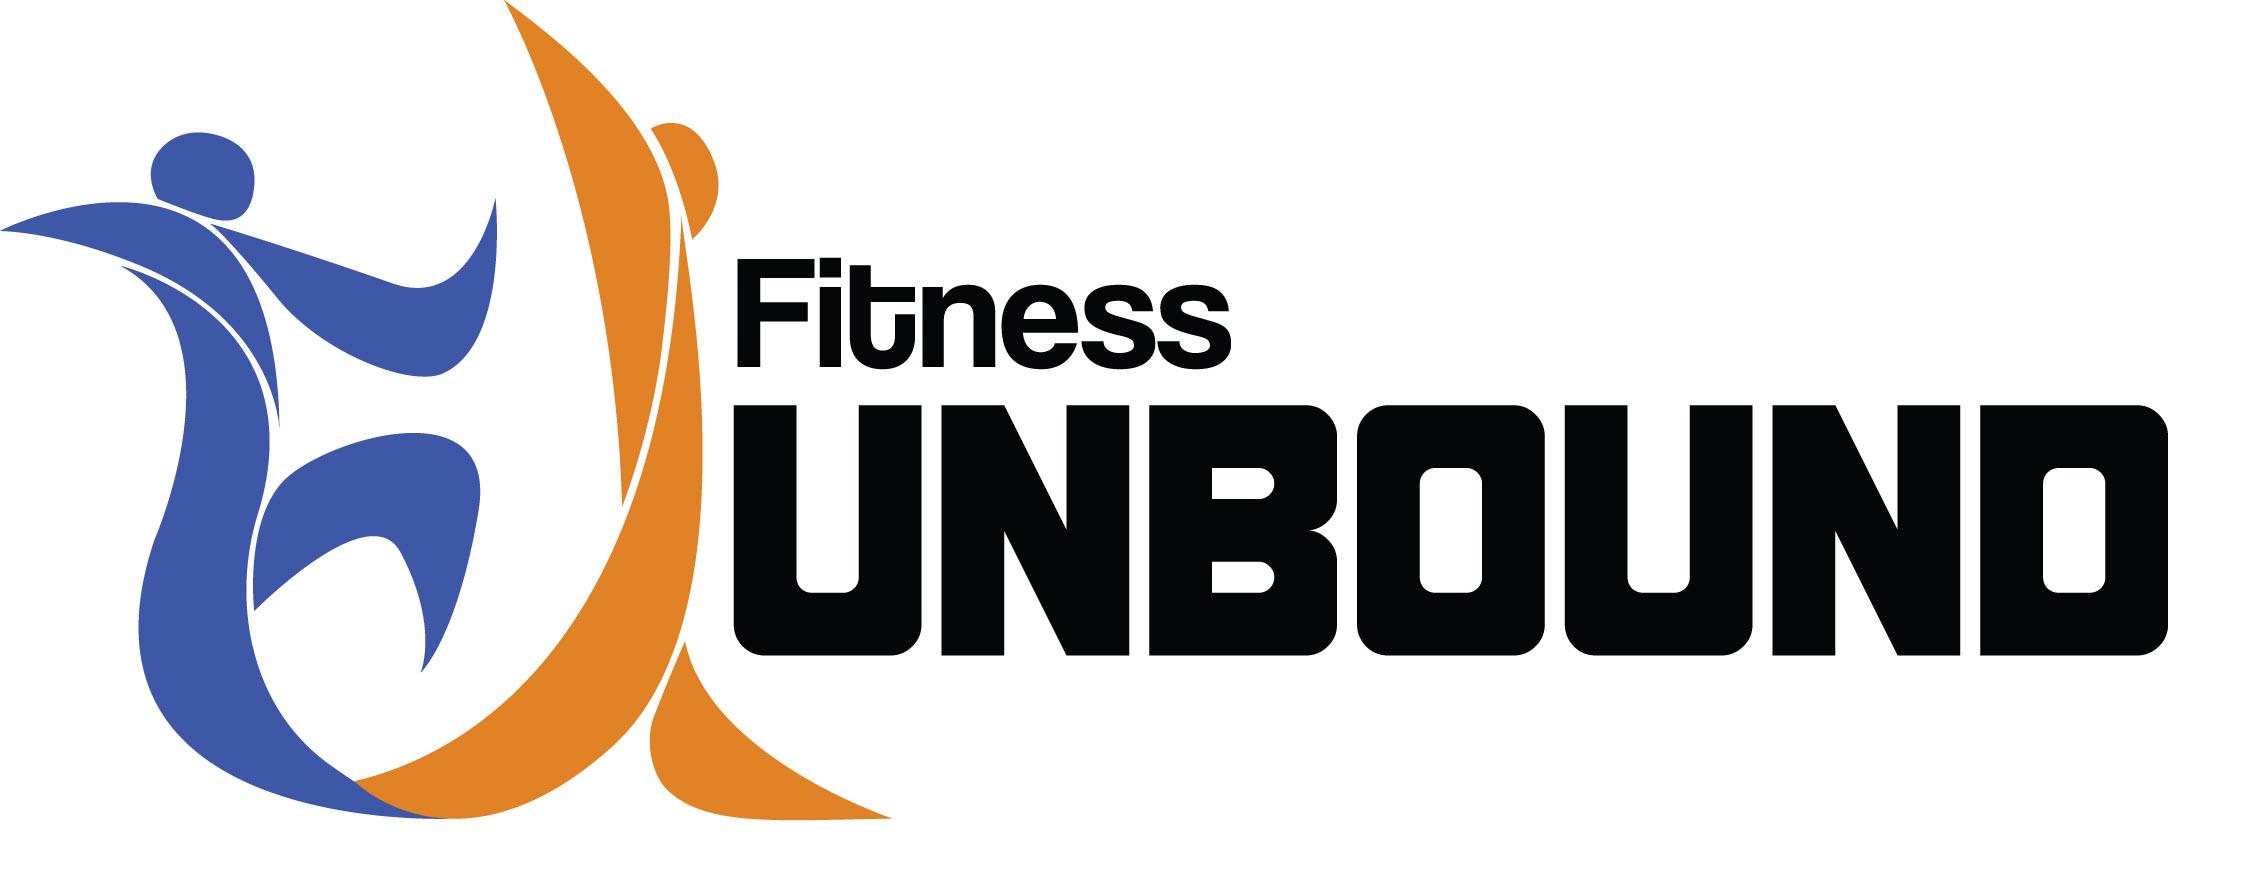 Fitness Unbound Logo